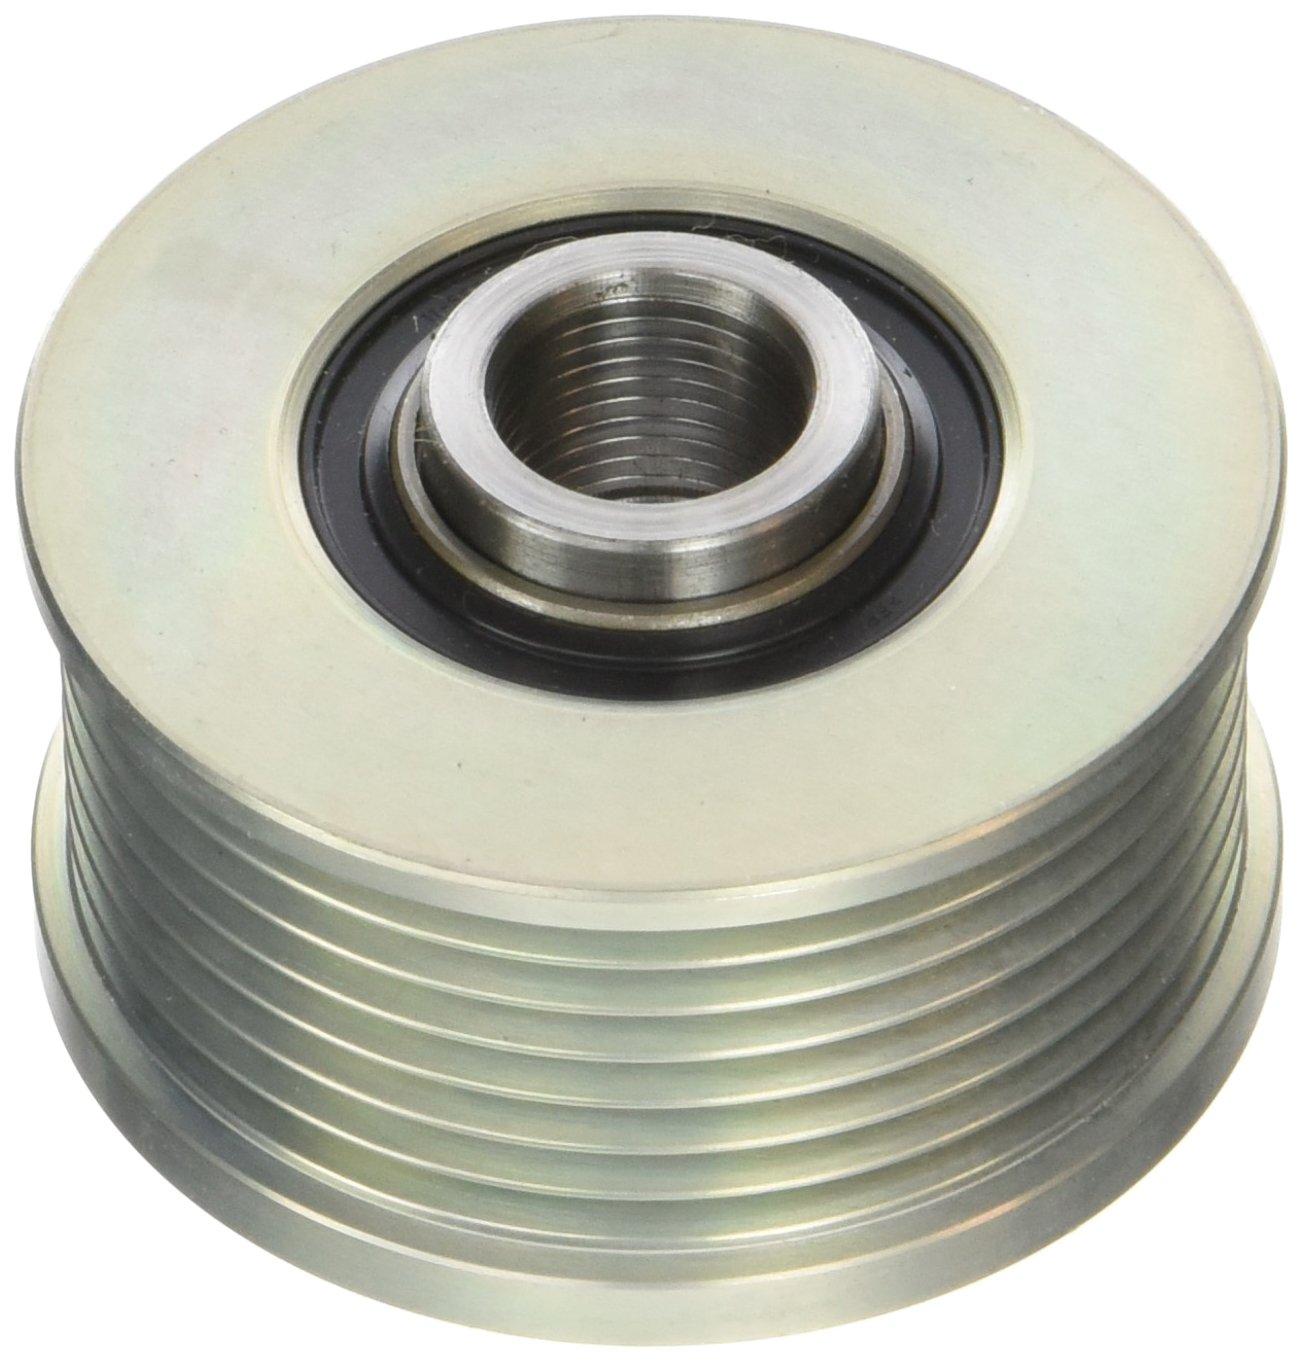 LuK 535017710/Â/Roue libre dalternateur /Ã/ roue